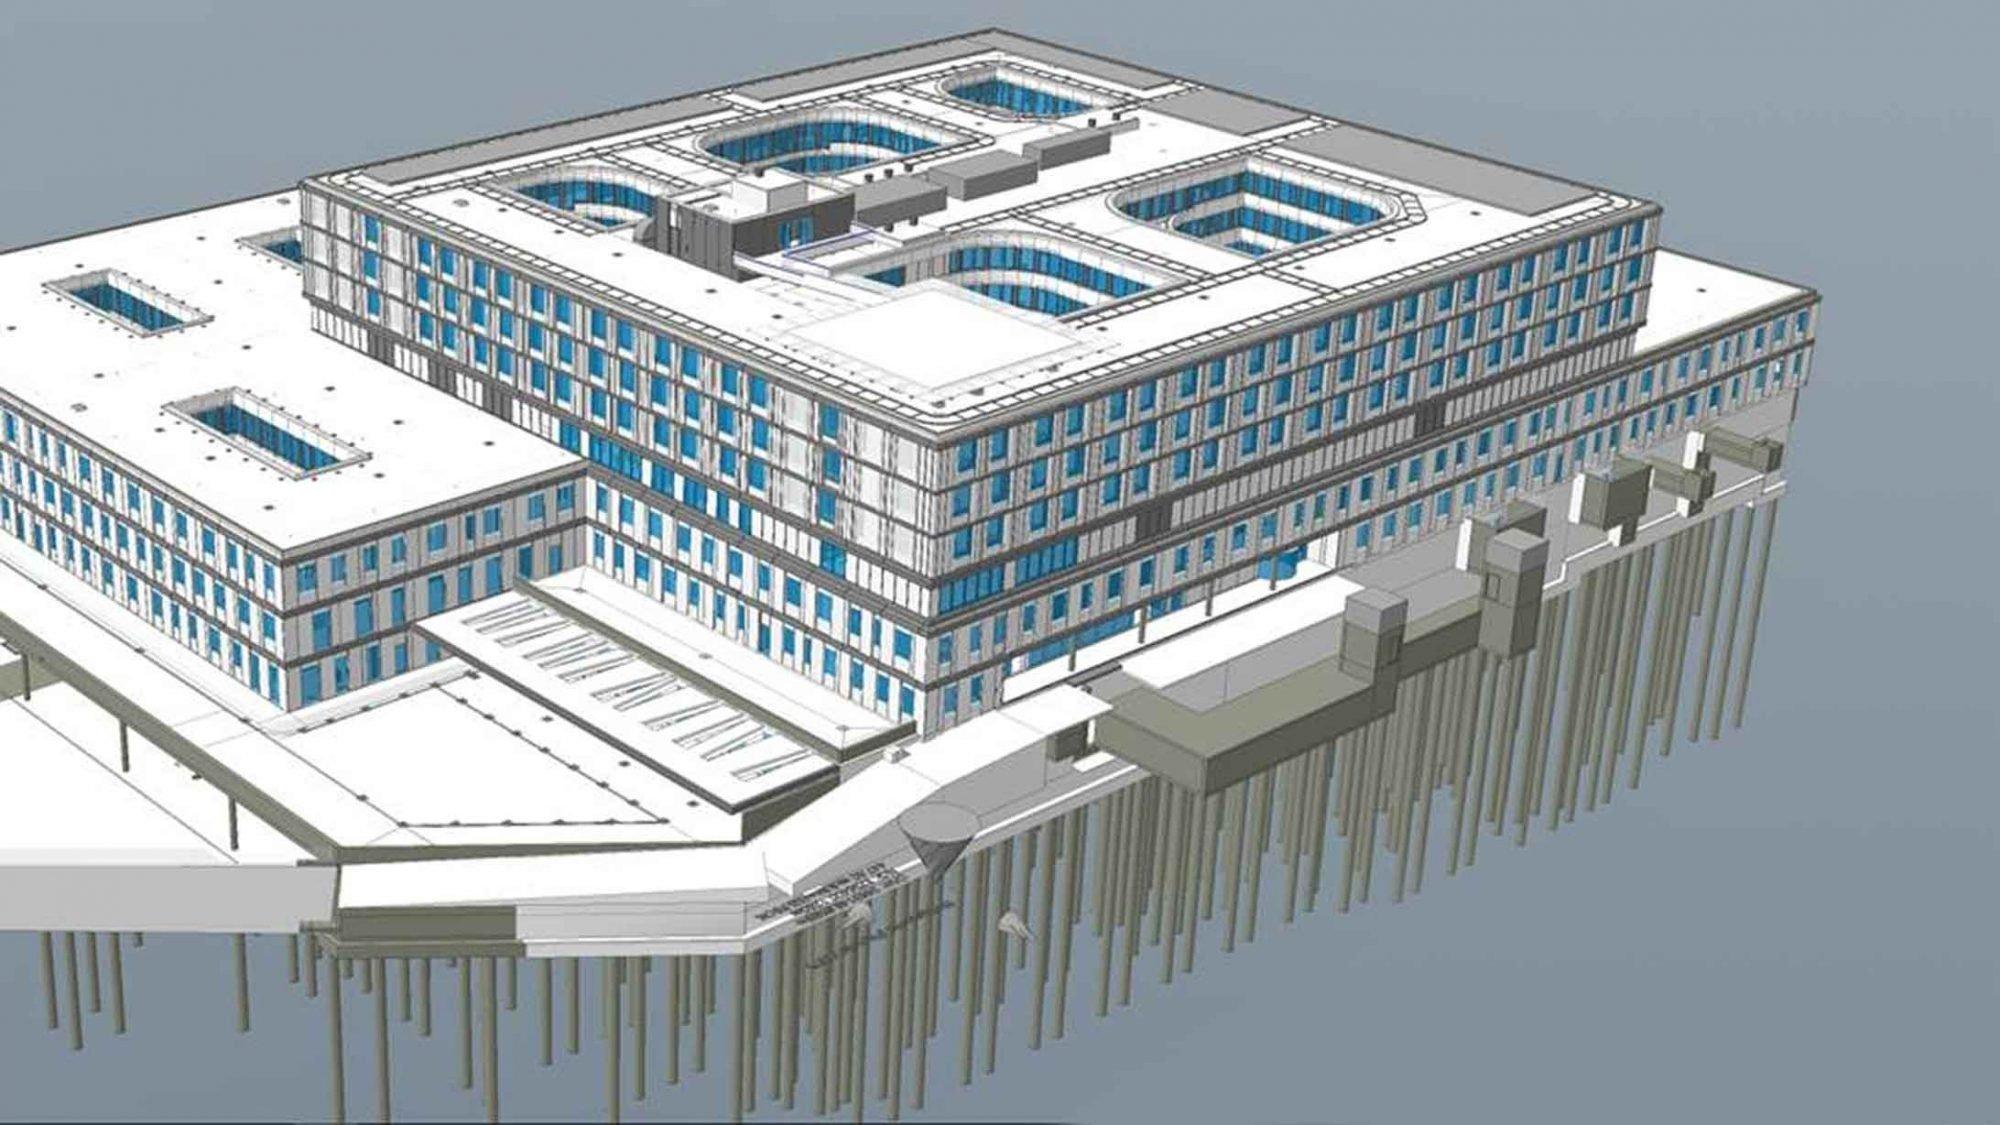 Visualisierung der 830 Betonpfähle